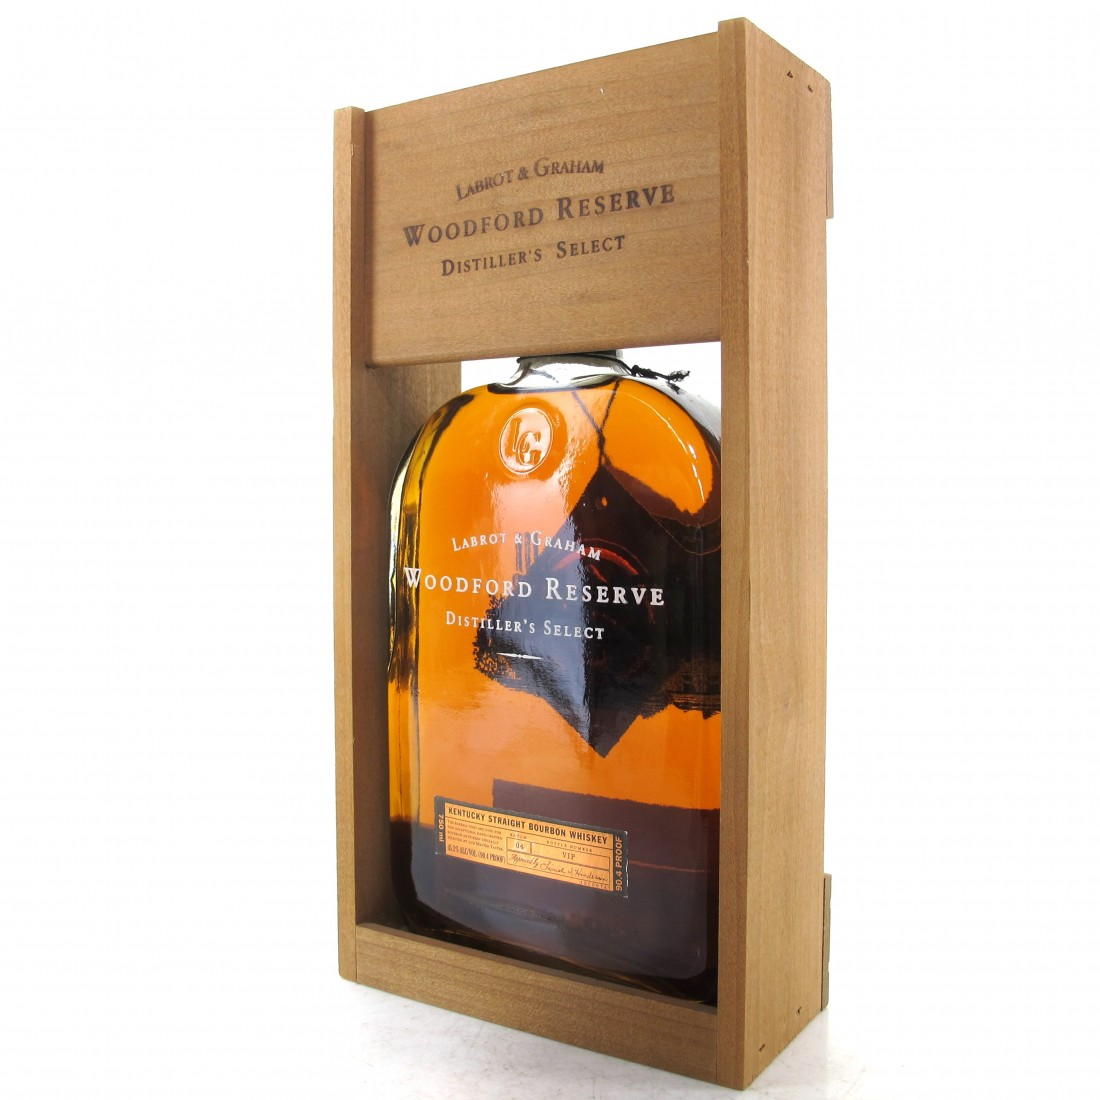 Woodford Reserve Distiller's Select Batch #4